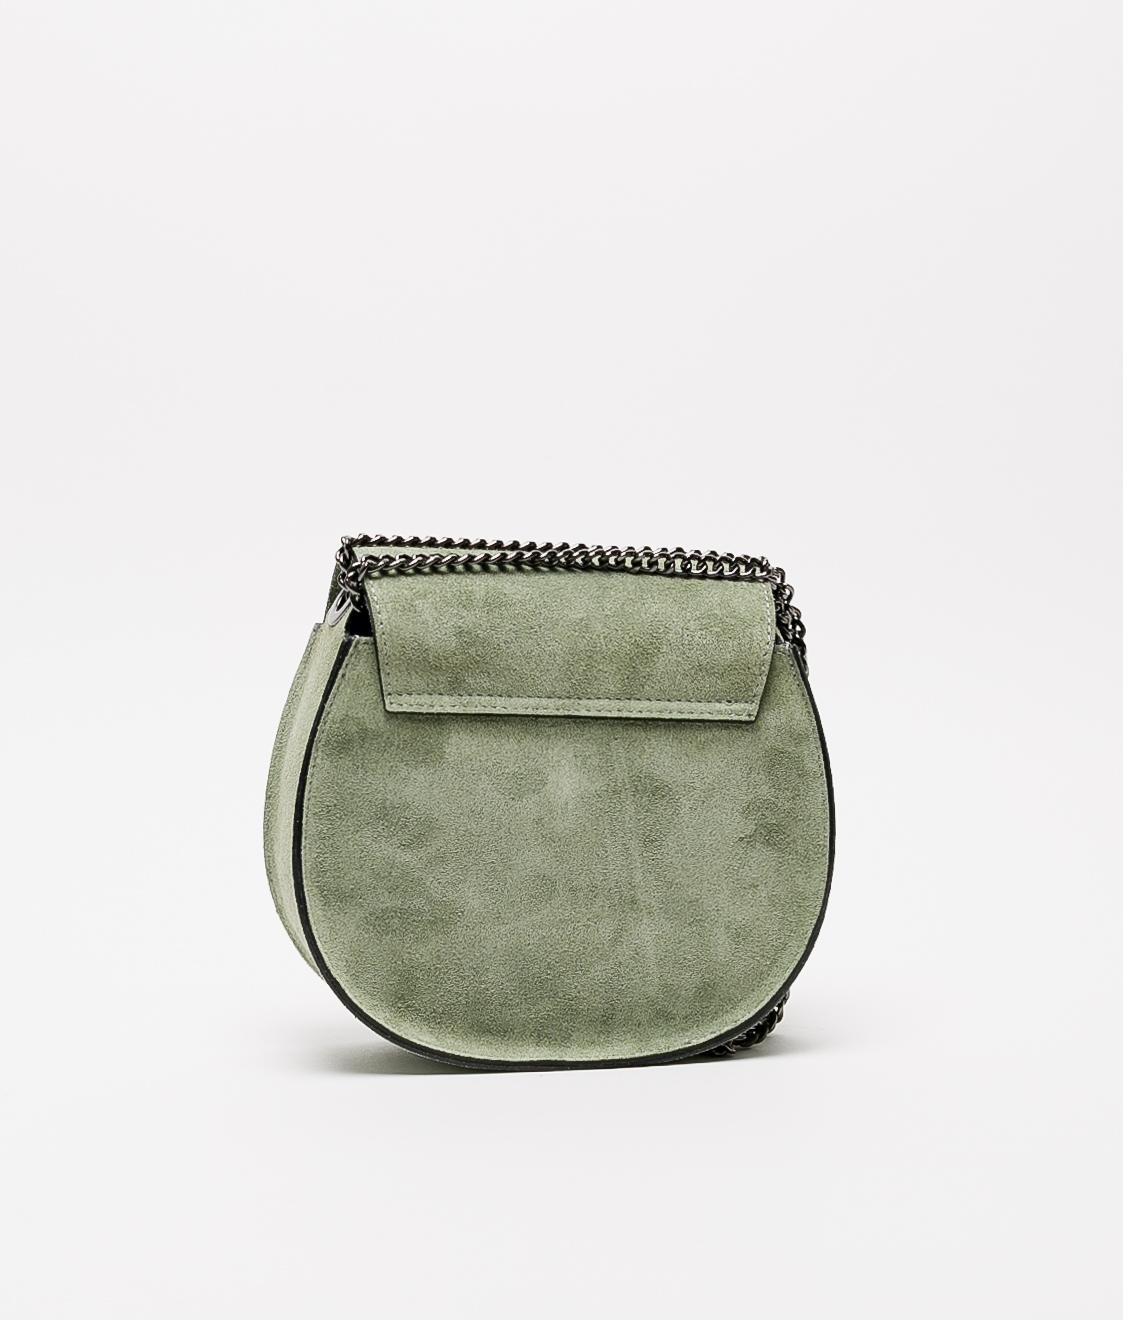 Bandolera de piel Adele - water green